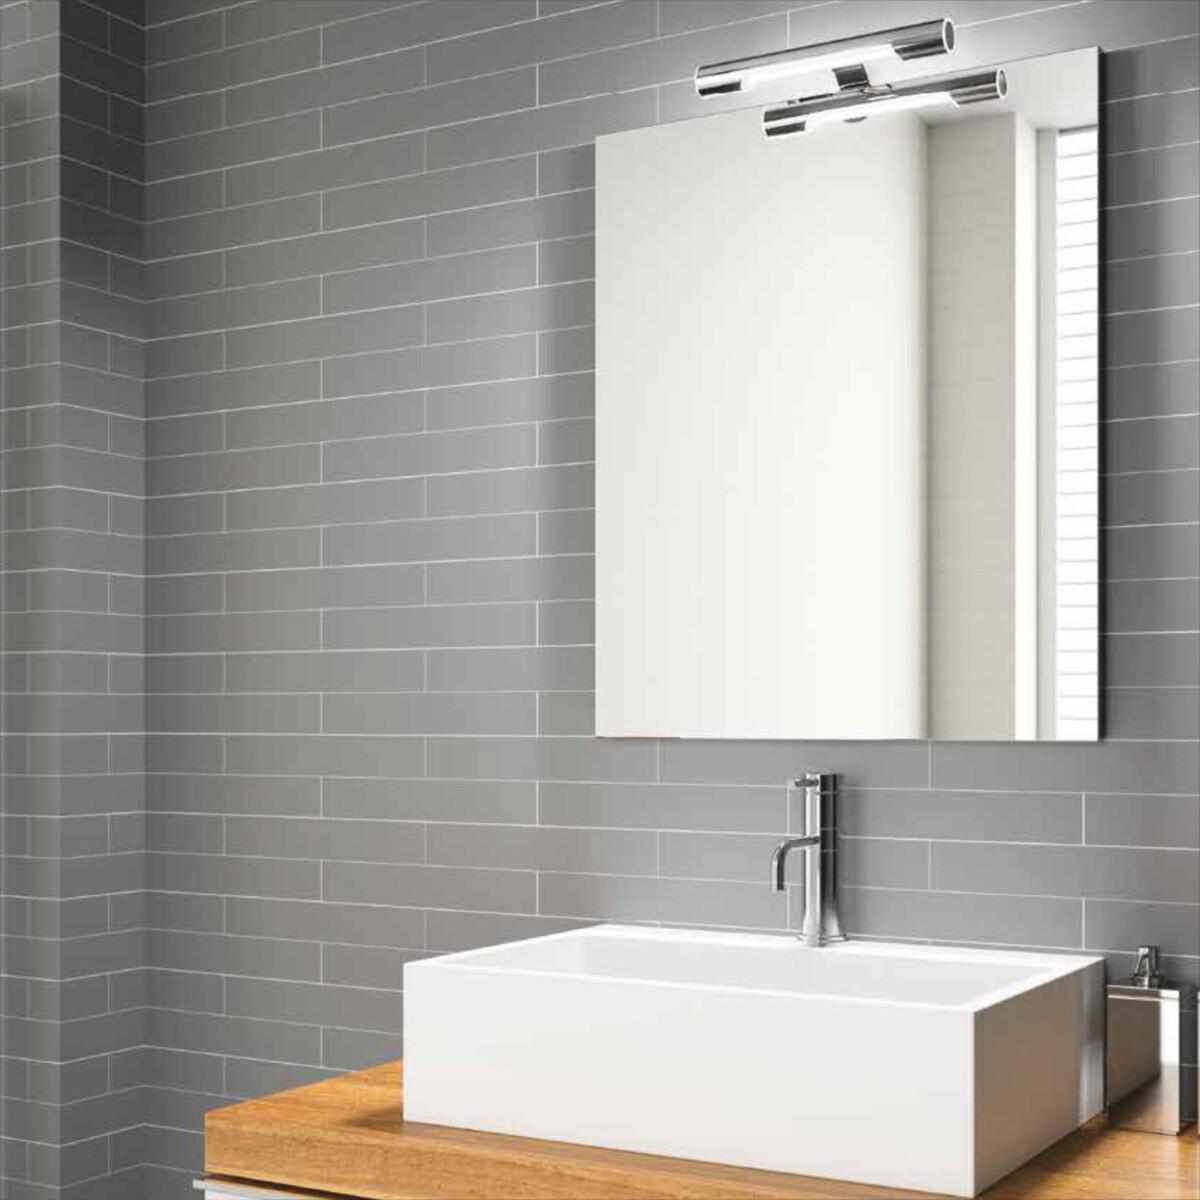 Valaisimia kylpyhuoneeseen – lue tämä opas tehdäksesi oikeita valintoja